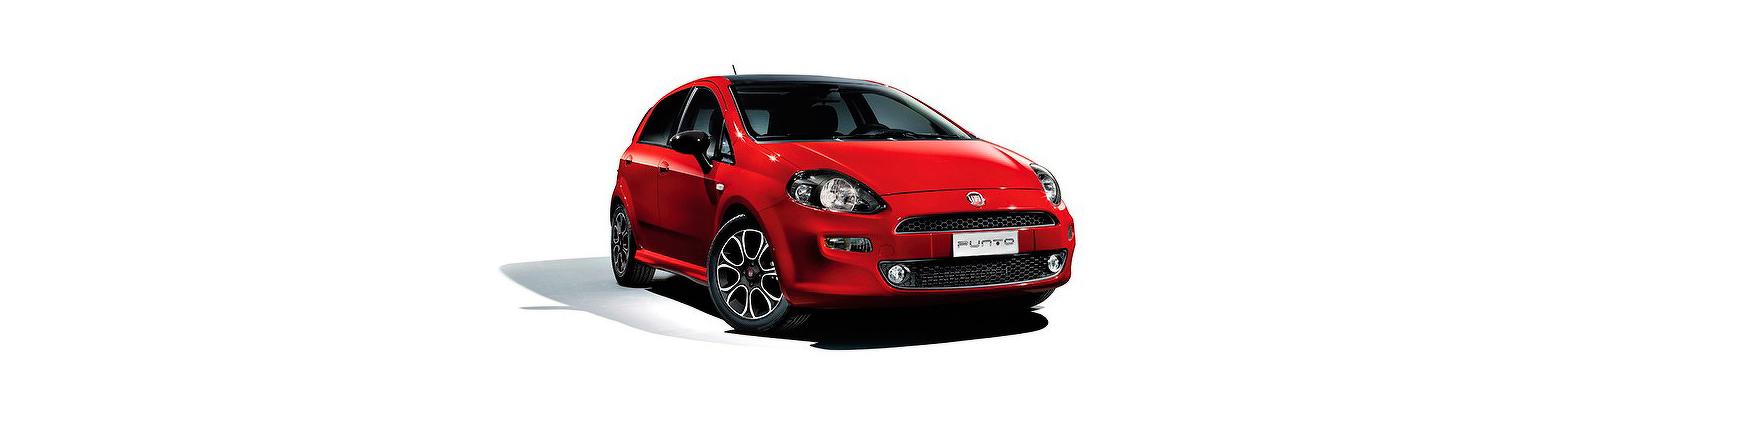 Recambios de Fiat Punto de 2012 2013 2014 2015 2016